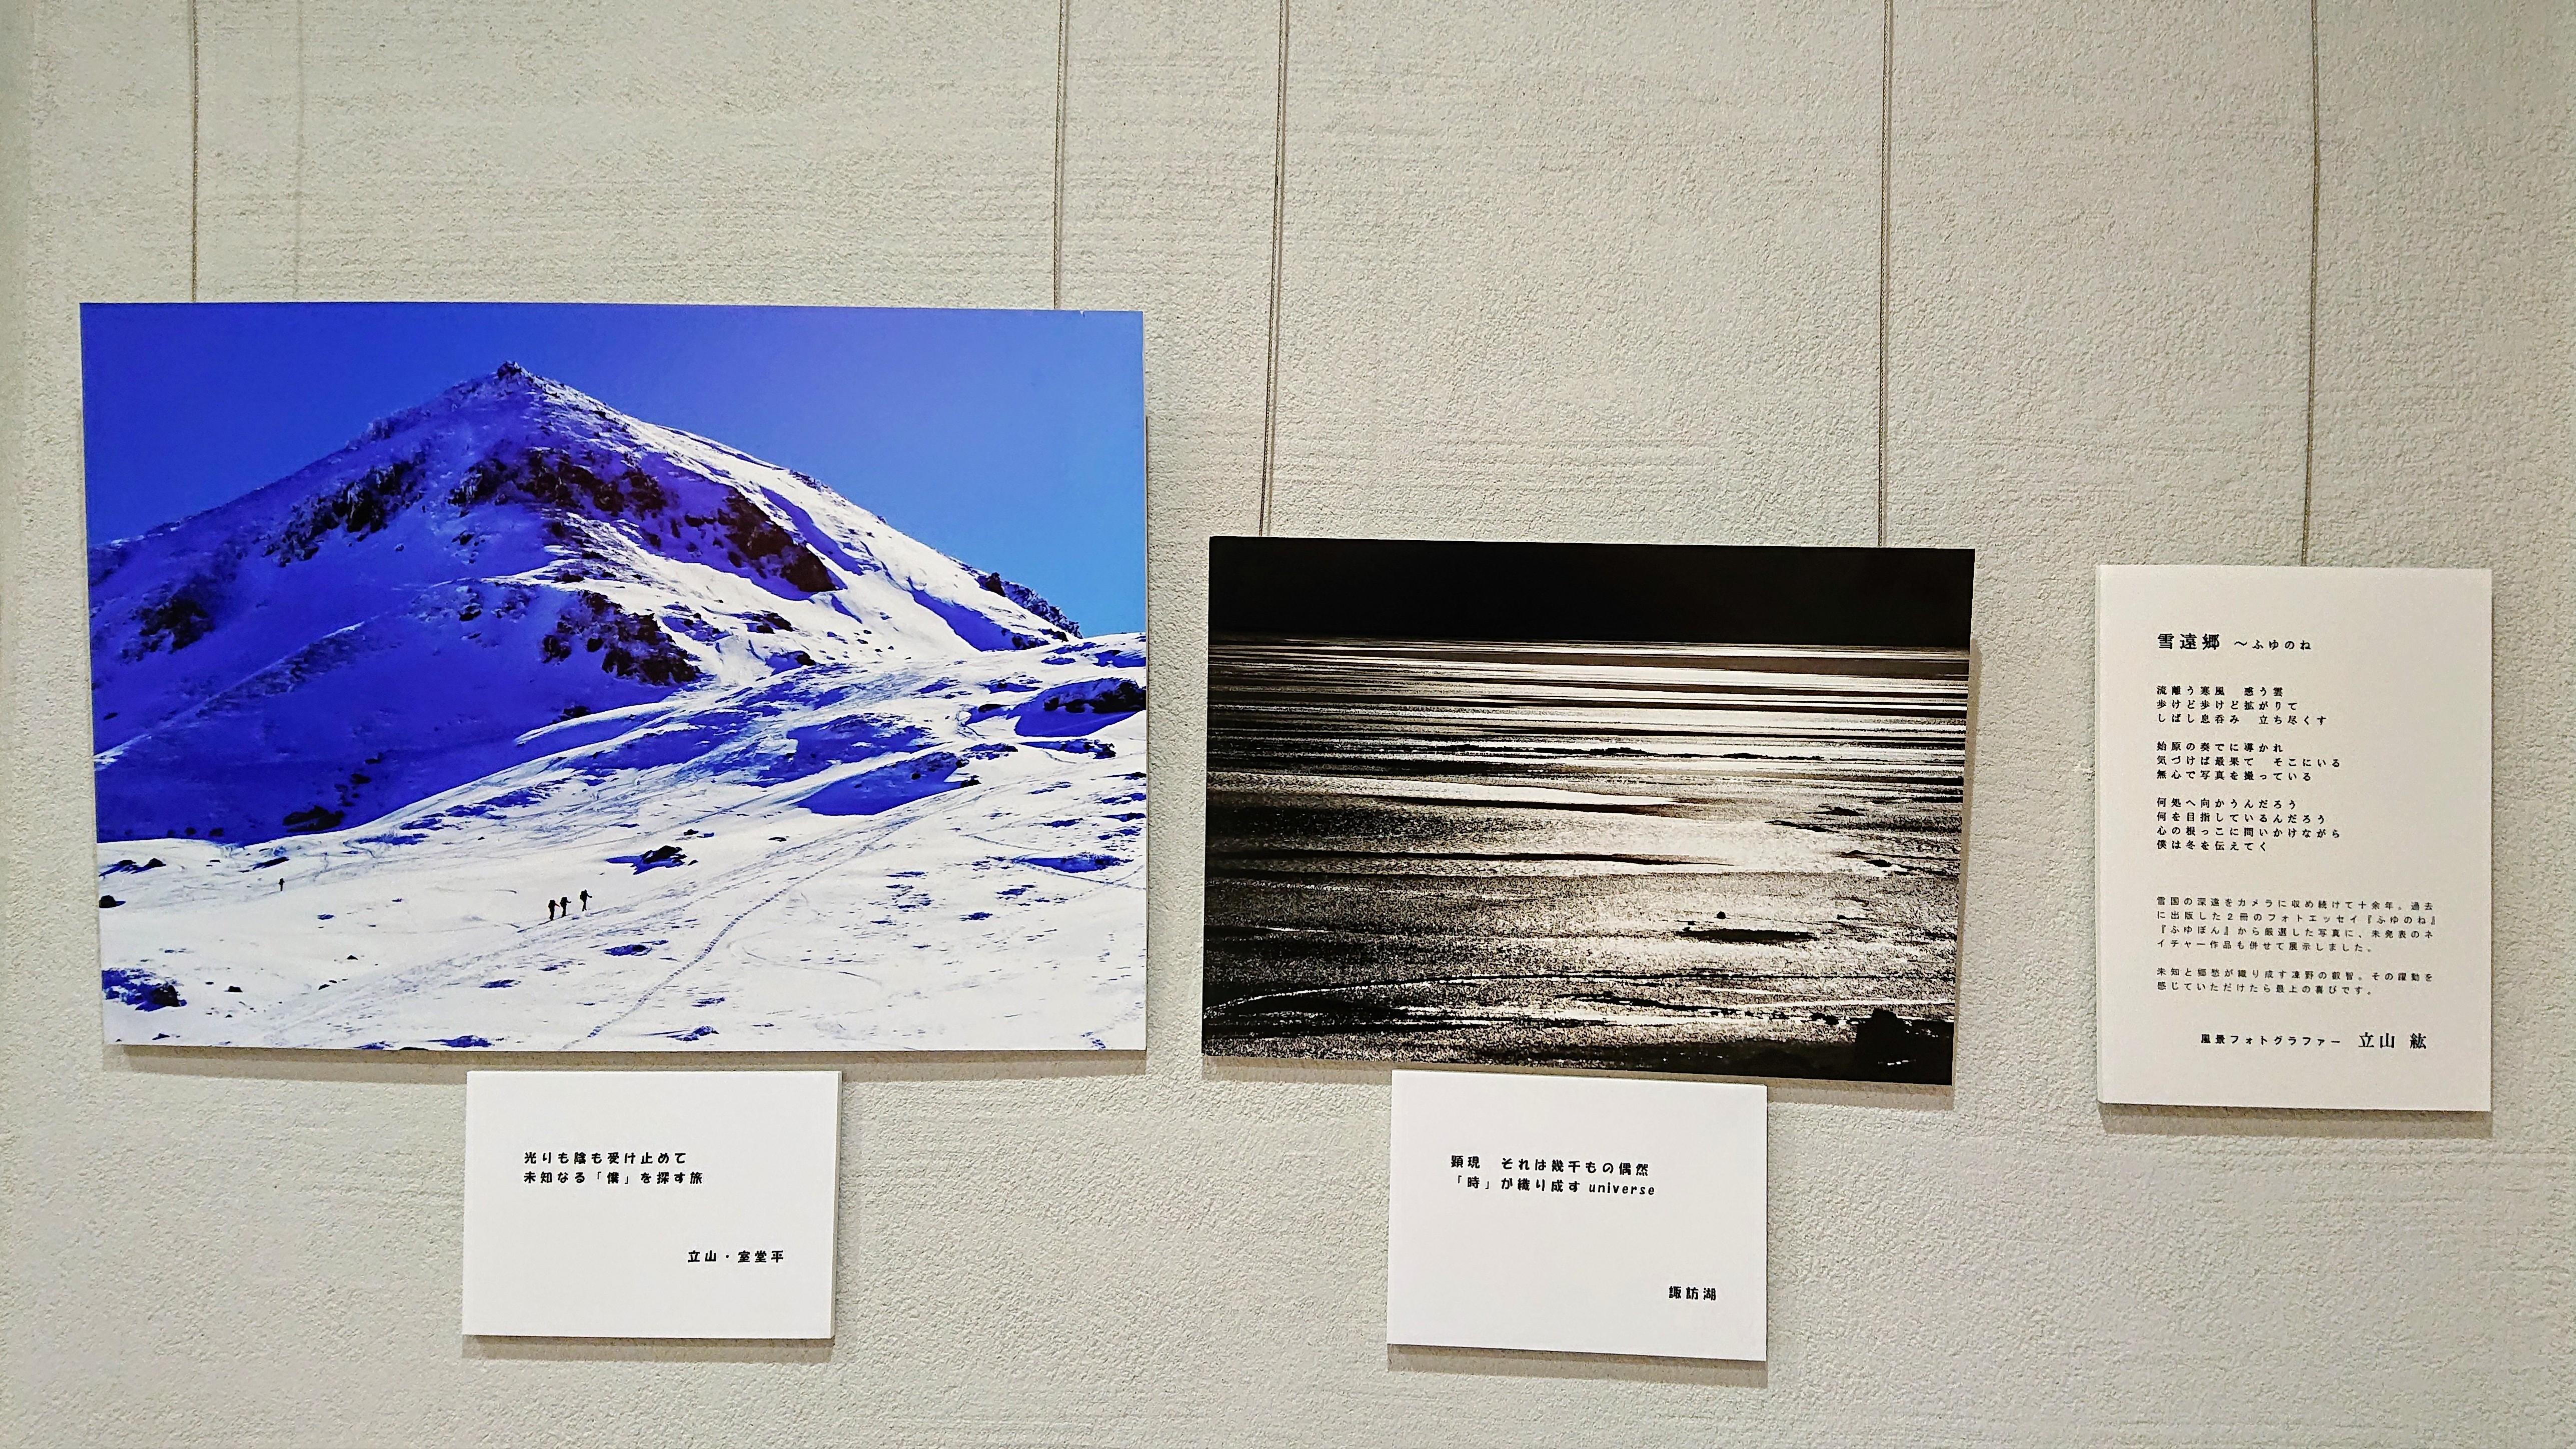 雪国写真展 『雪遠郷~ふゆのね』